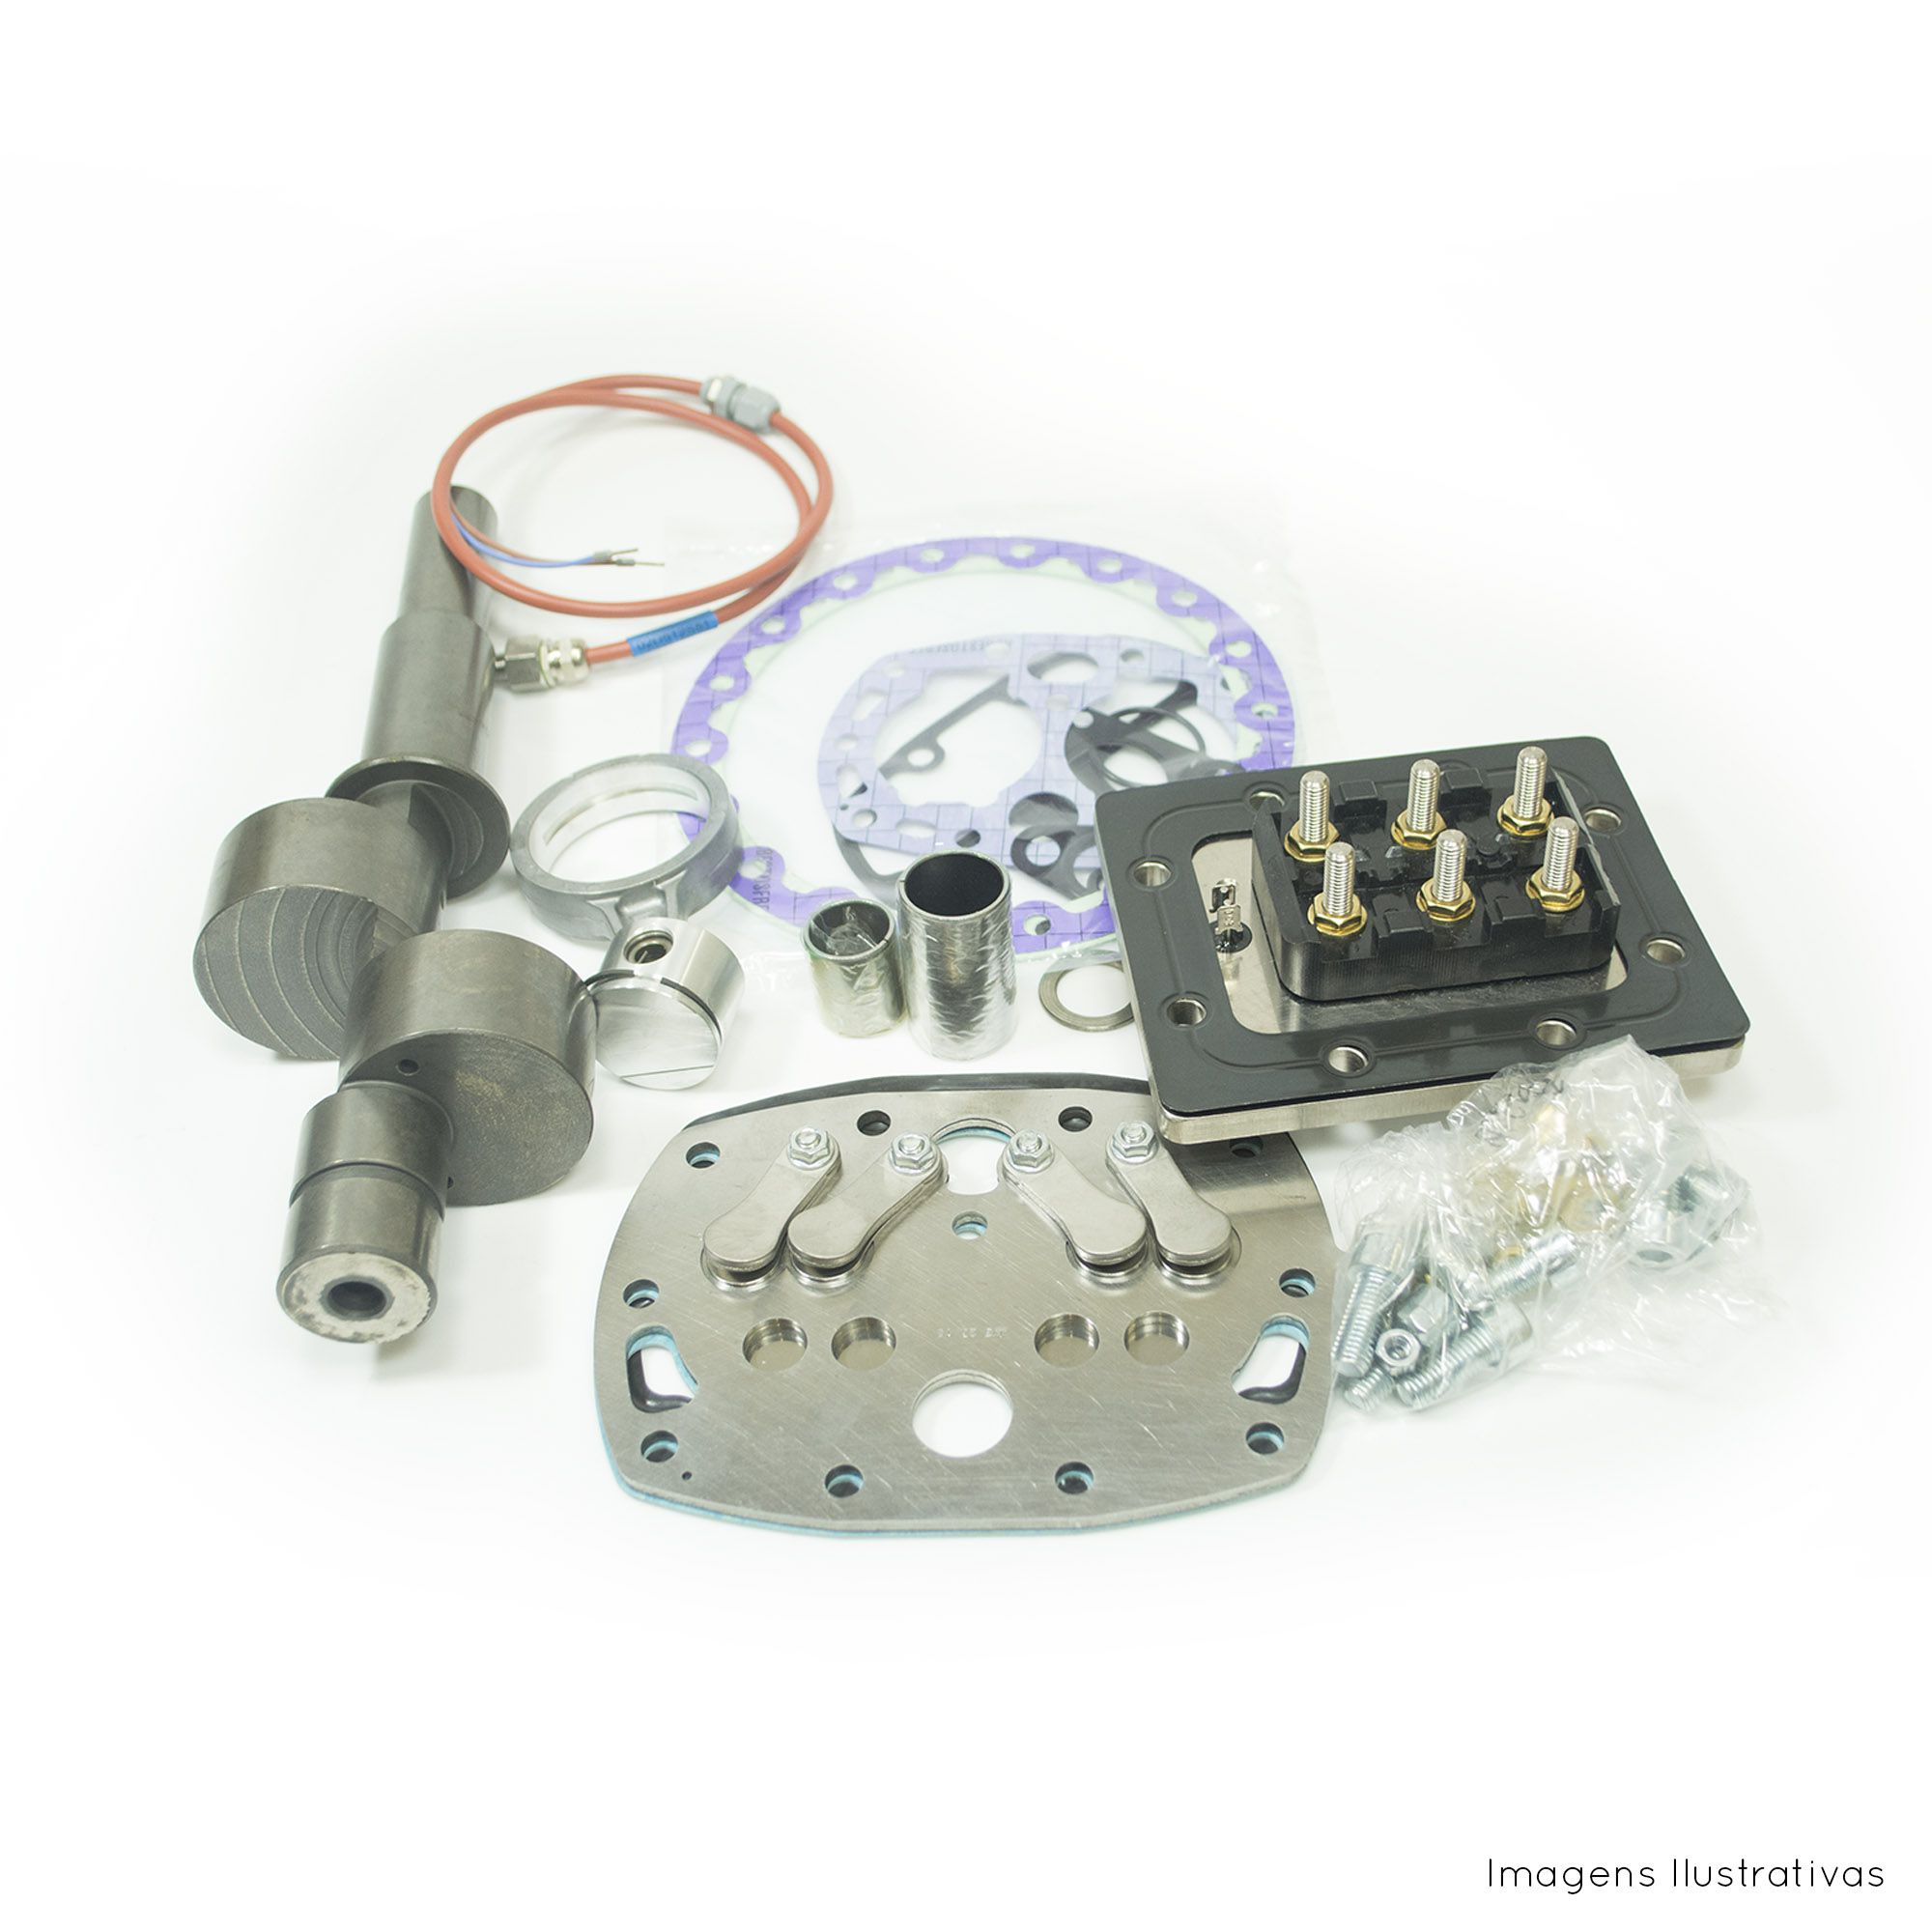 Kit Caixa Elétrica 900-10513